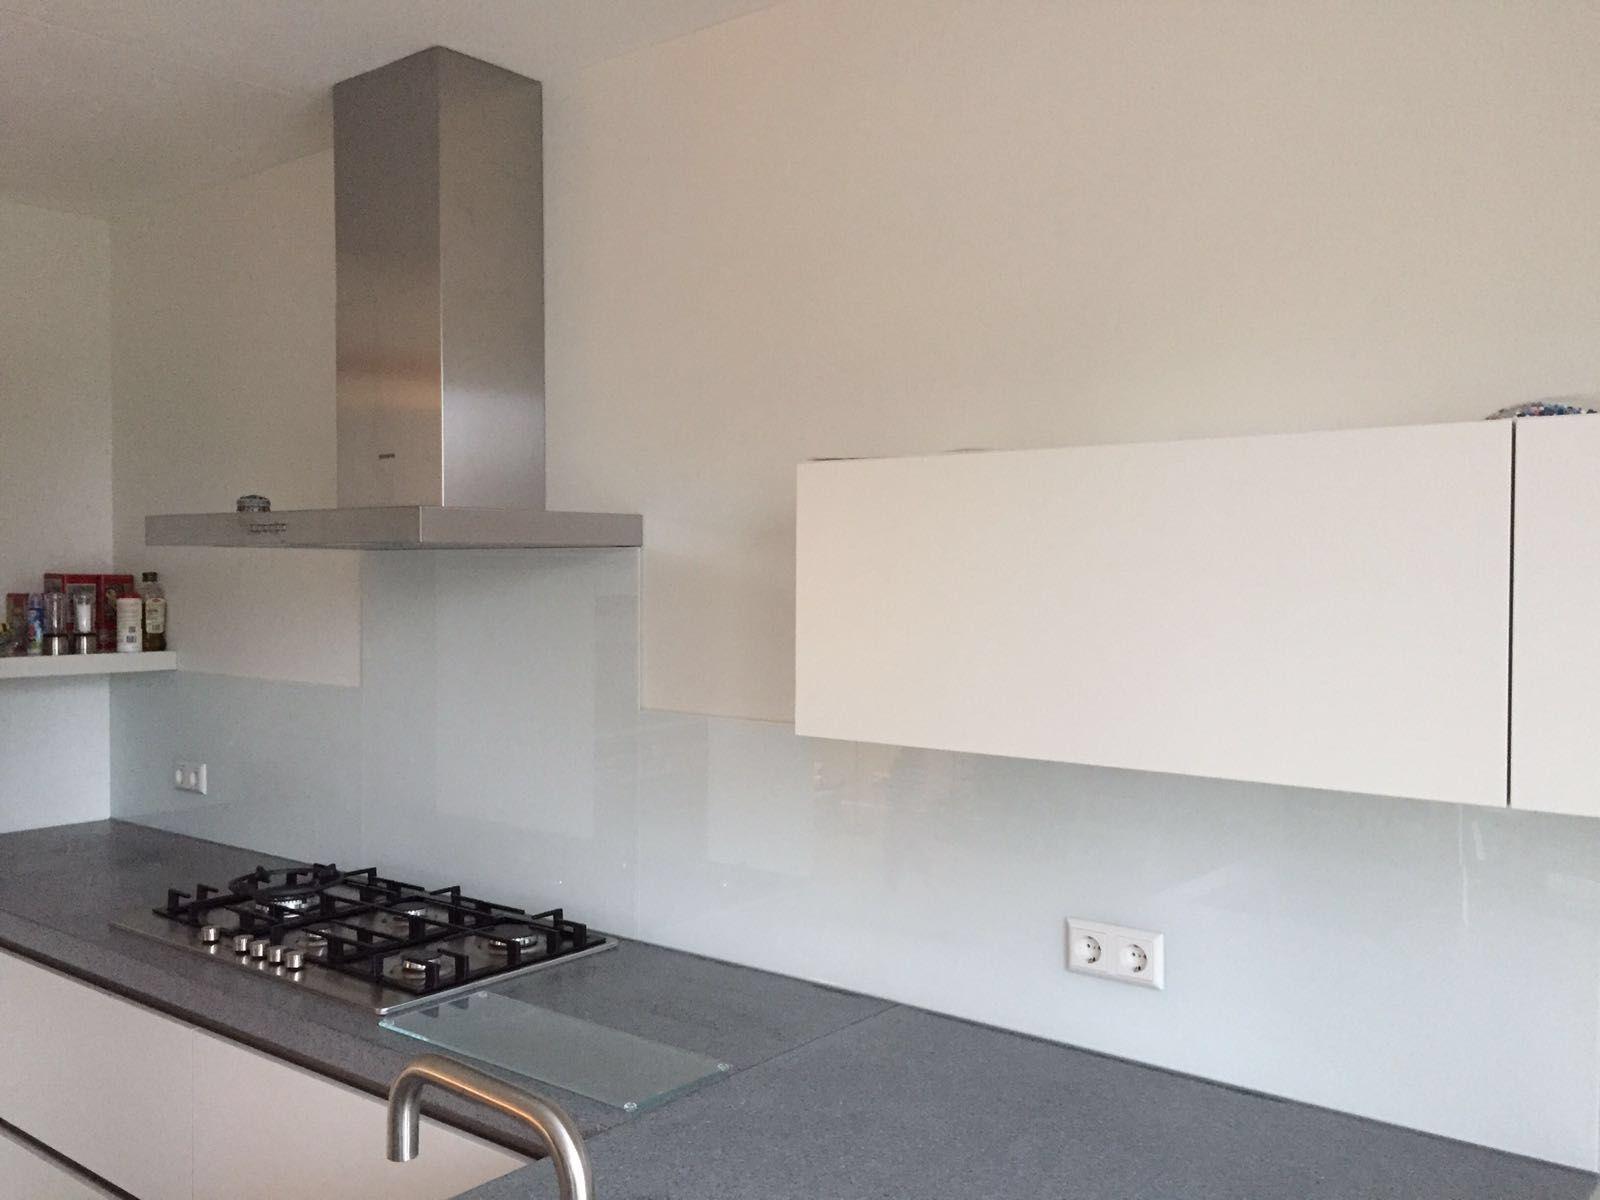 Zacht blauwe keukenglas achterwand in een greeploze witte keuken met grijs blad - Open keukenglas ...